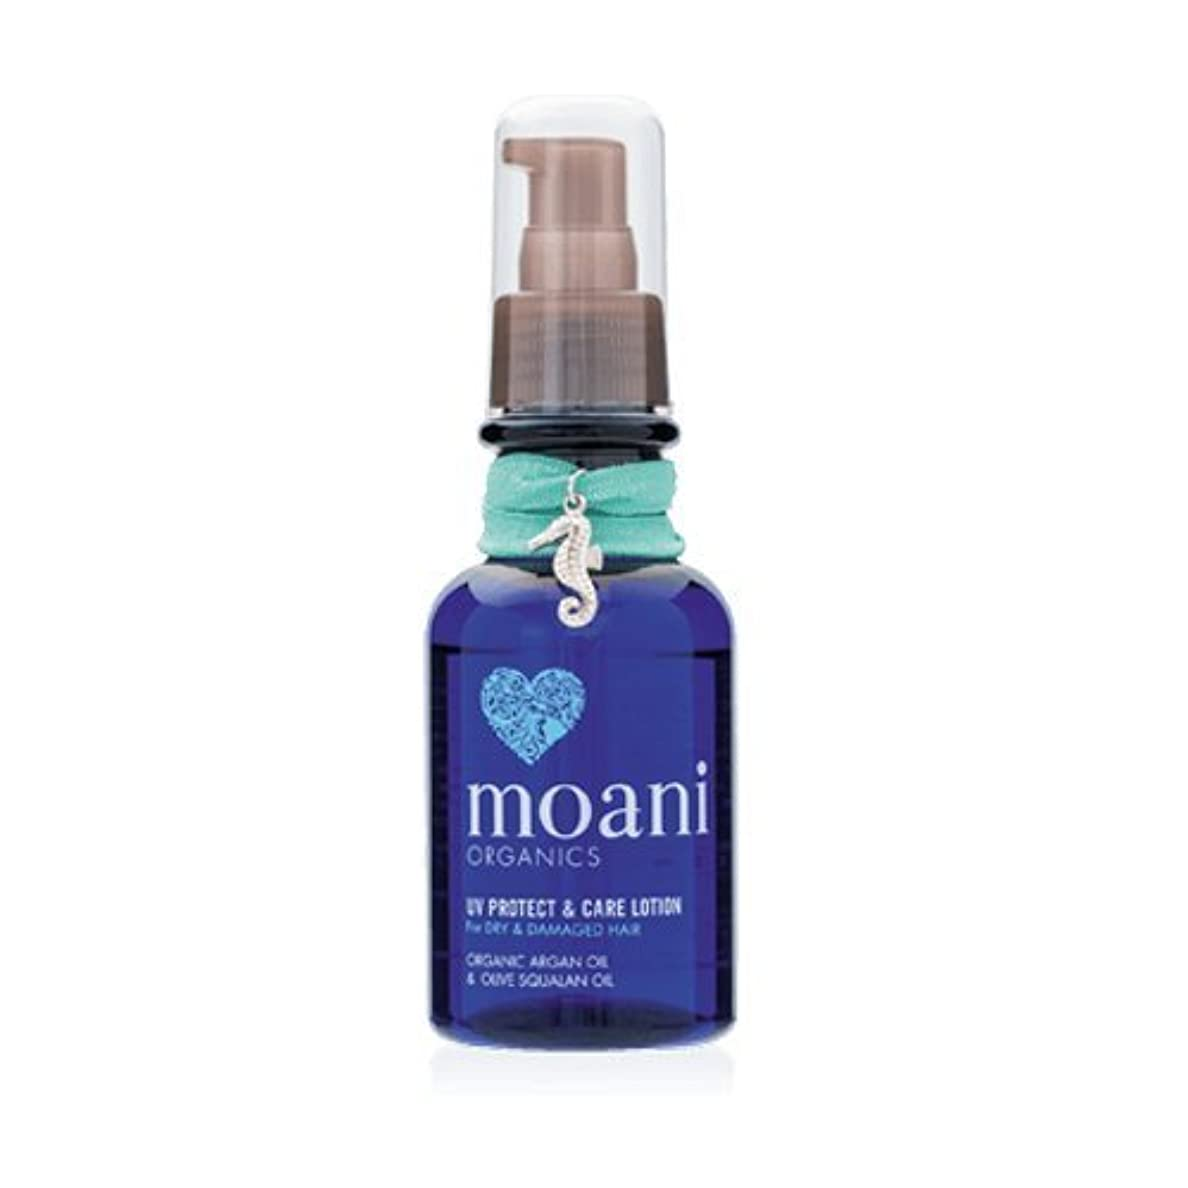 モニターソビエト深遠moani organics UV Protect & Care Lotion For Dry & Damaged Hair(髪用アウトバストリートメント)